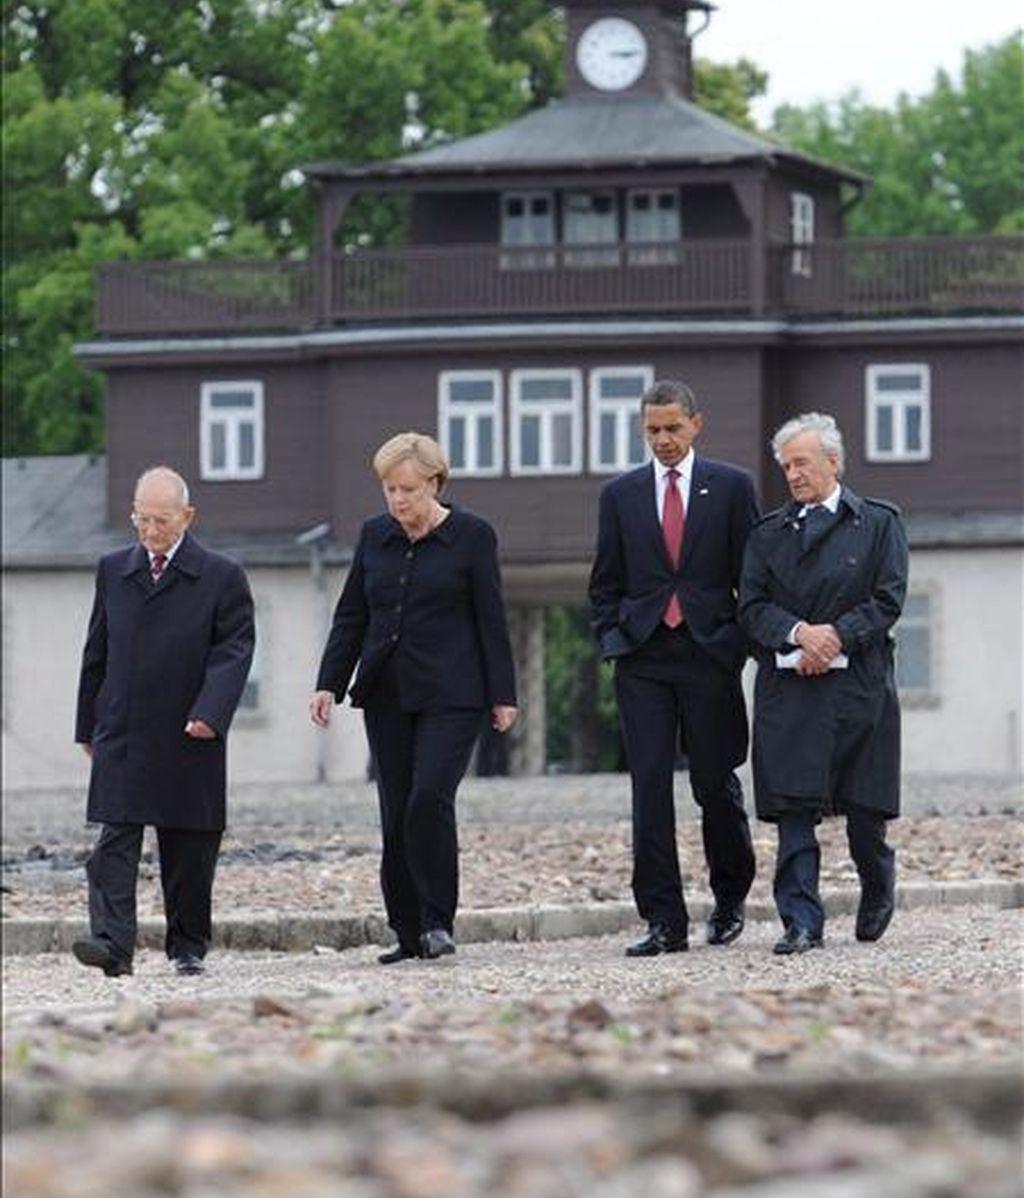 El presidente de EEUU, Barack Obama (2º dcha.), y la canciller alemana, Angela Merkel, visitan el campo de concentración de Buchenwald junto a los supervivientes Elie Wiesel (dcha.) y Bertrand Herz. EFE